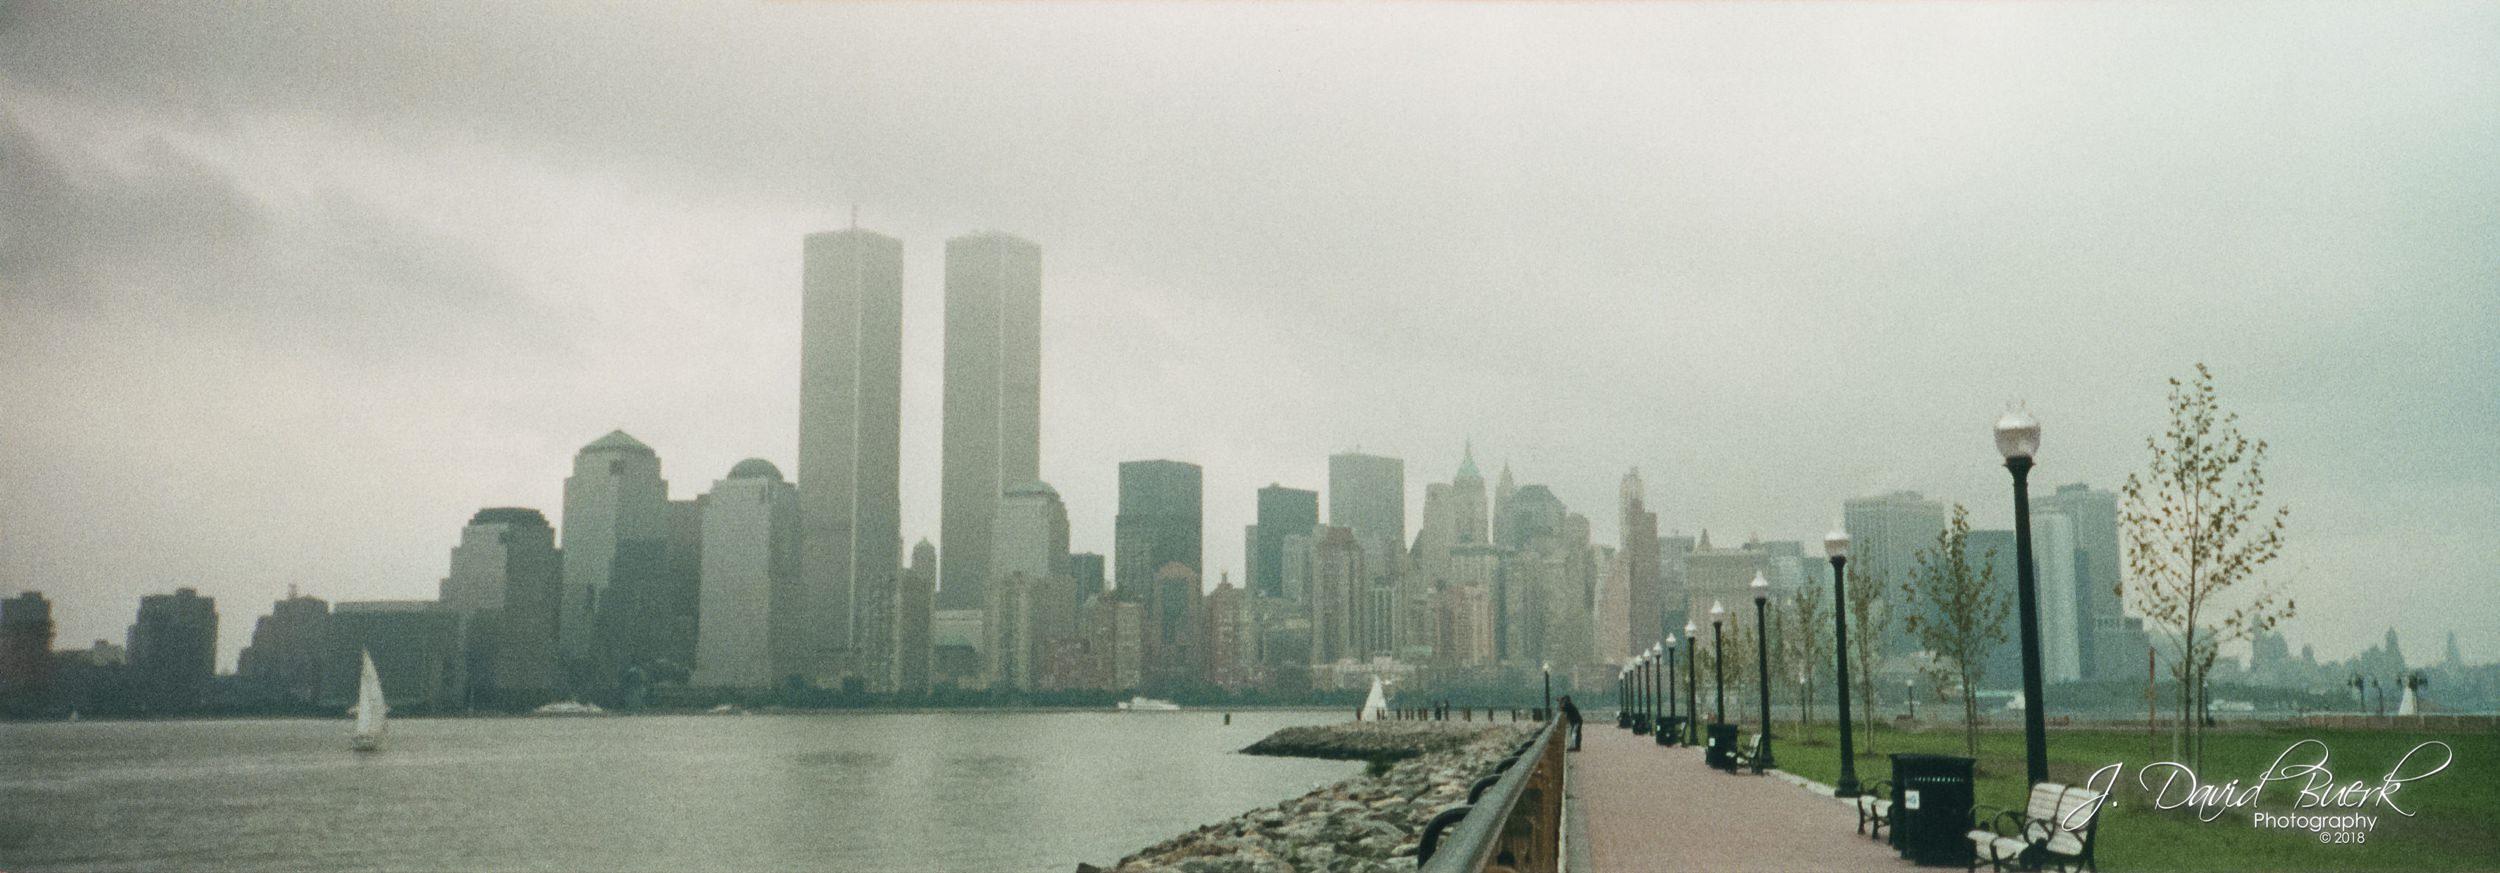 20180811 Empty Sky NYC 1.jpg